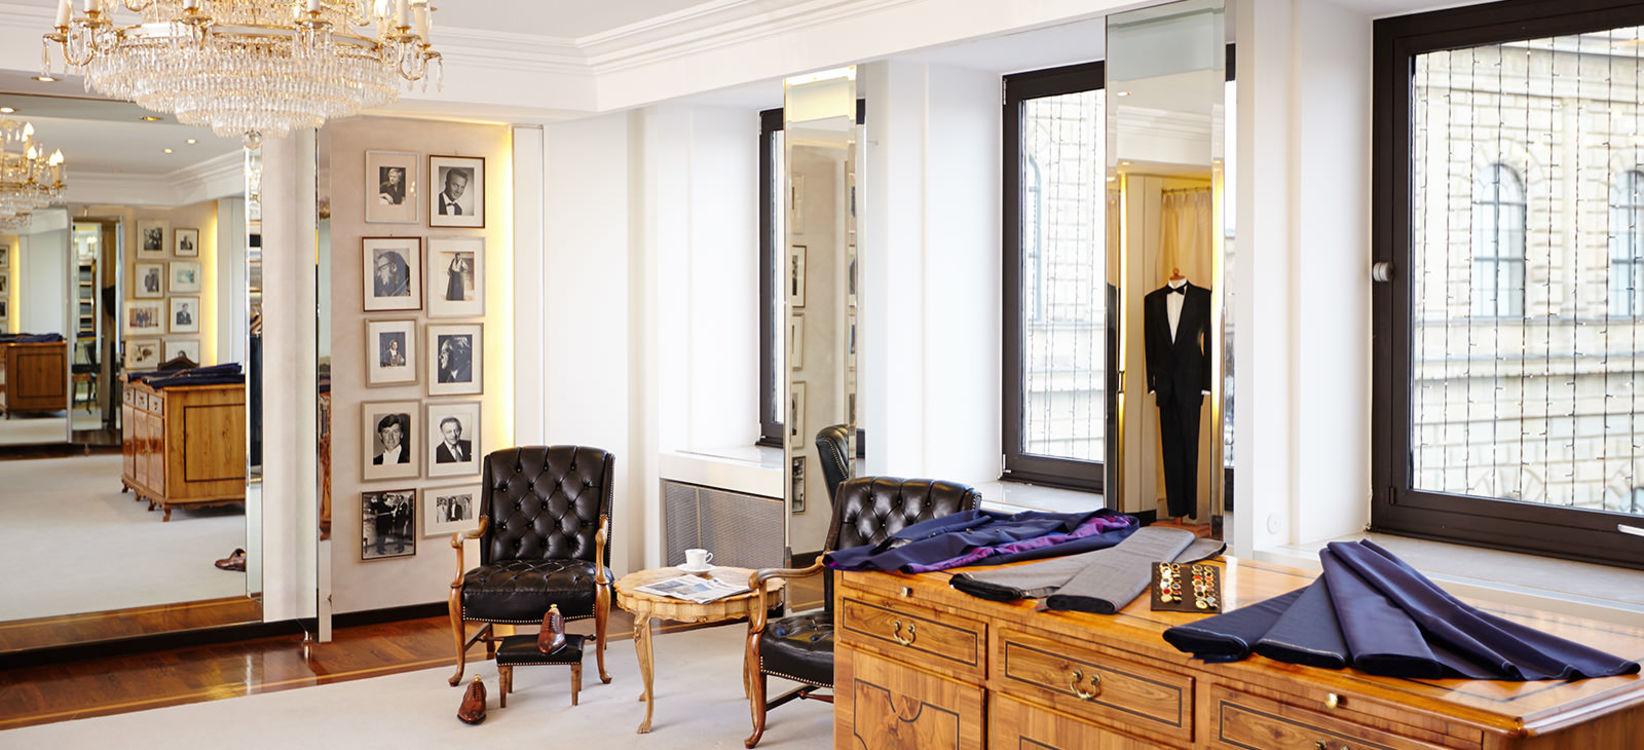 Max Dietl Haute Couture na Munique (Bild 3)